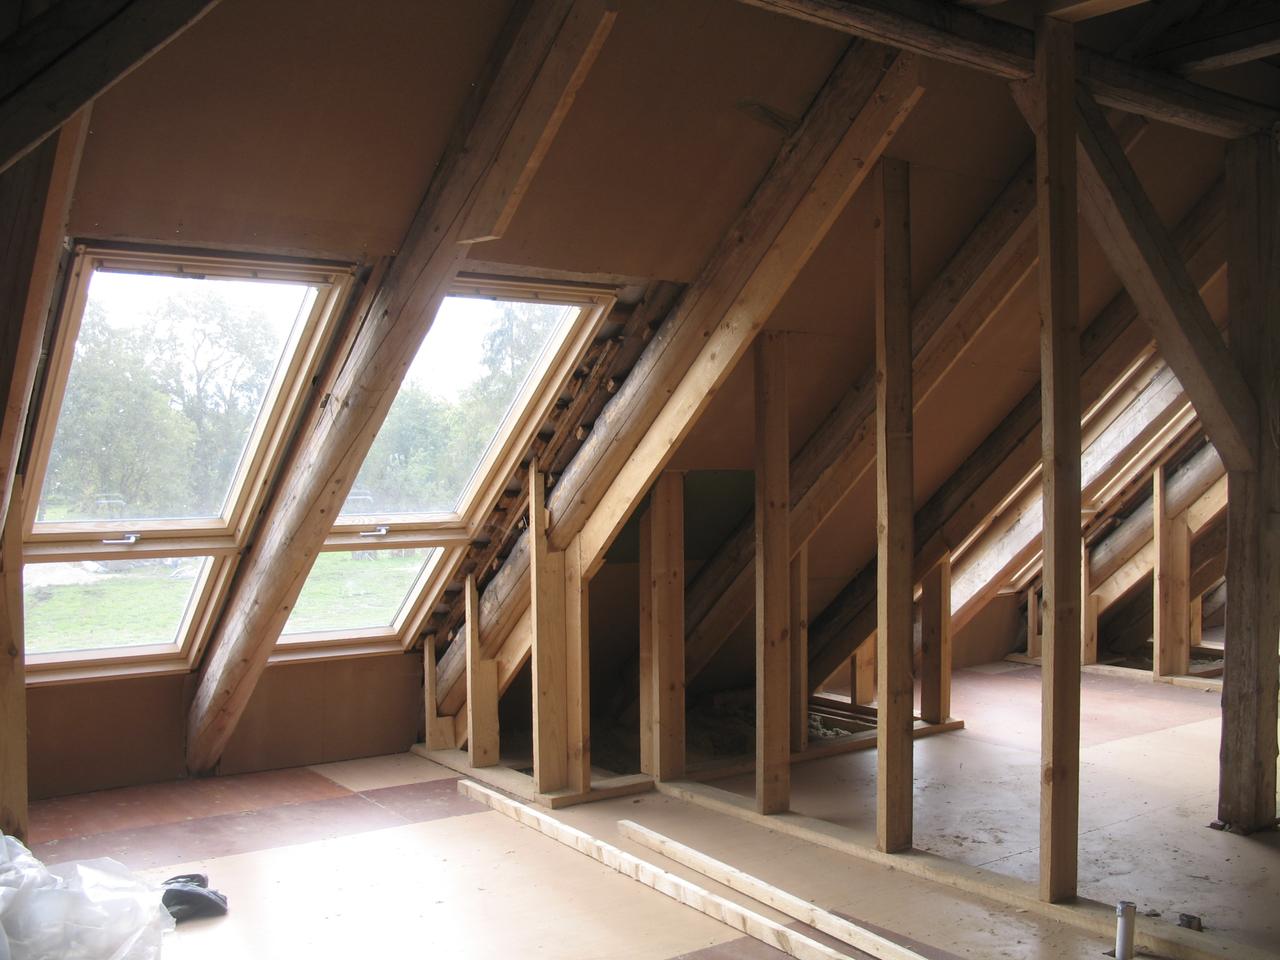 Recupero sottotetto l ecobonus vale se gst costruzioni for Finestra nel tetto